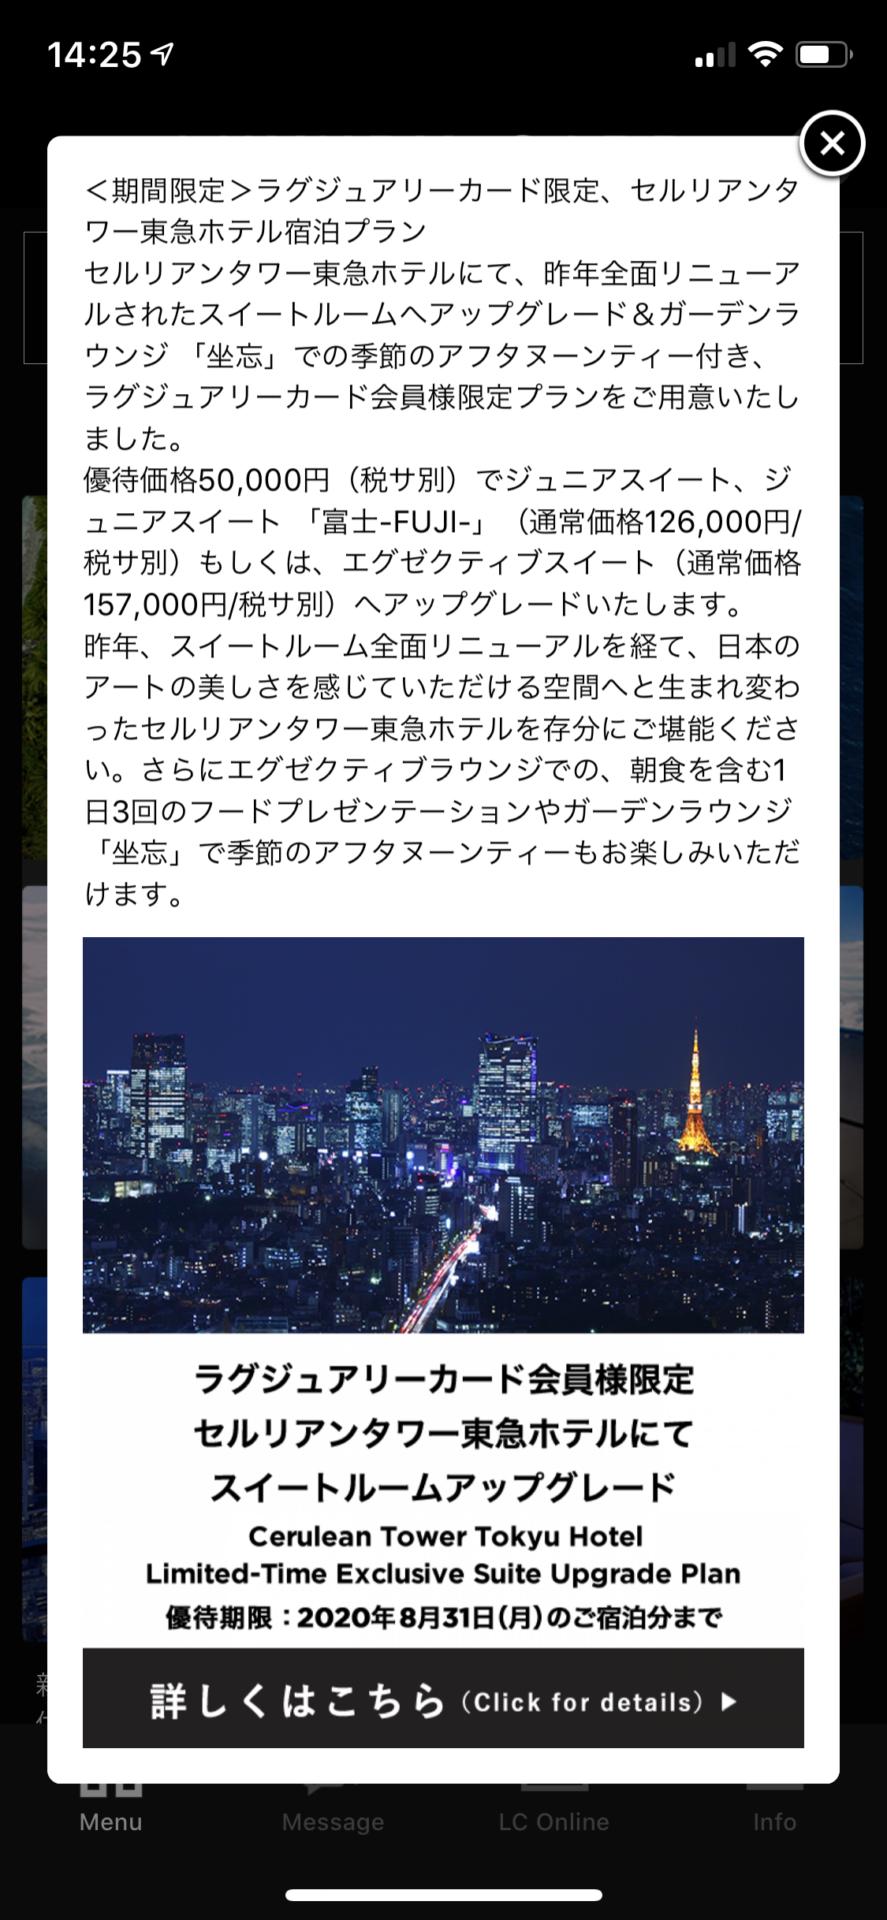 ラグジュアリーカードのセルリアンタワー東急ホテル宿泊プラン